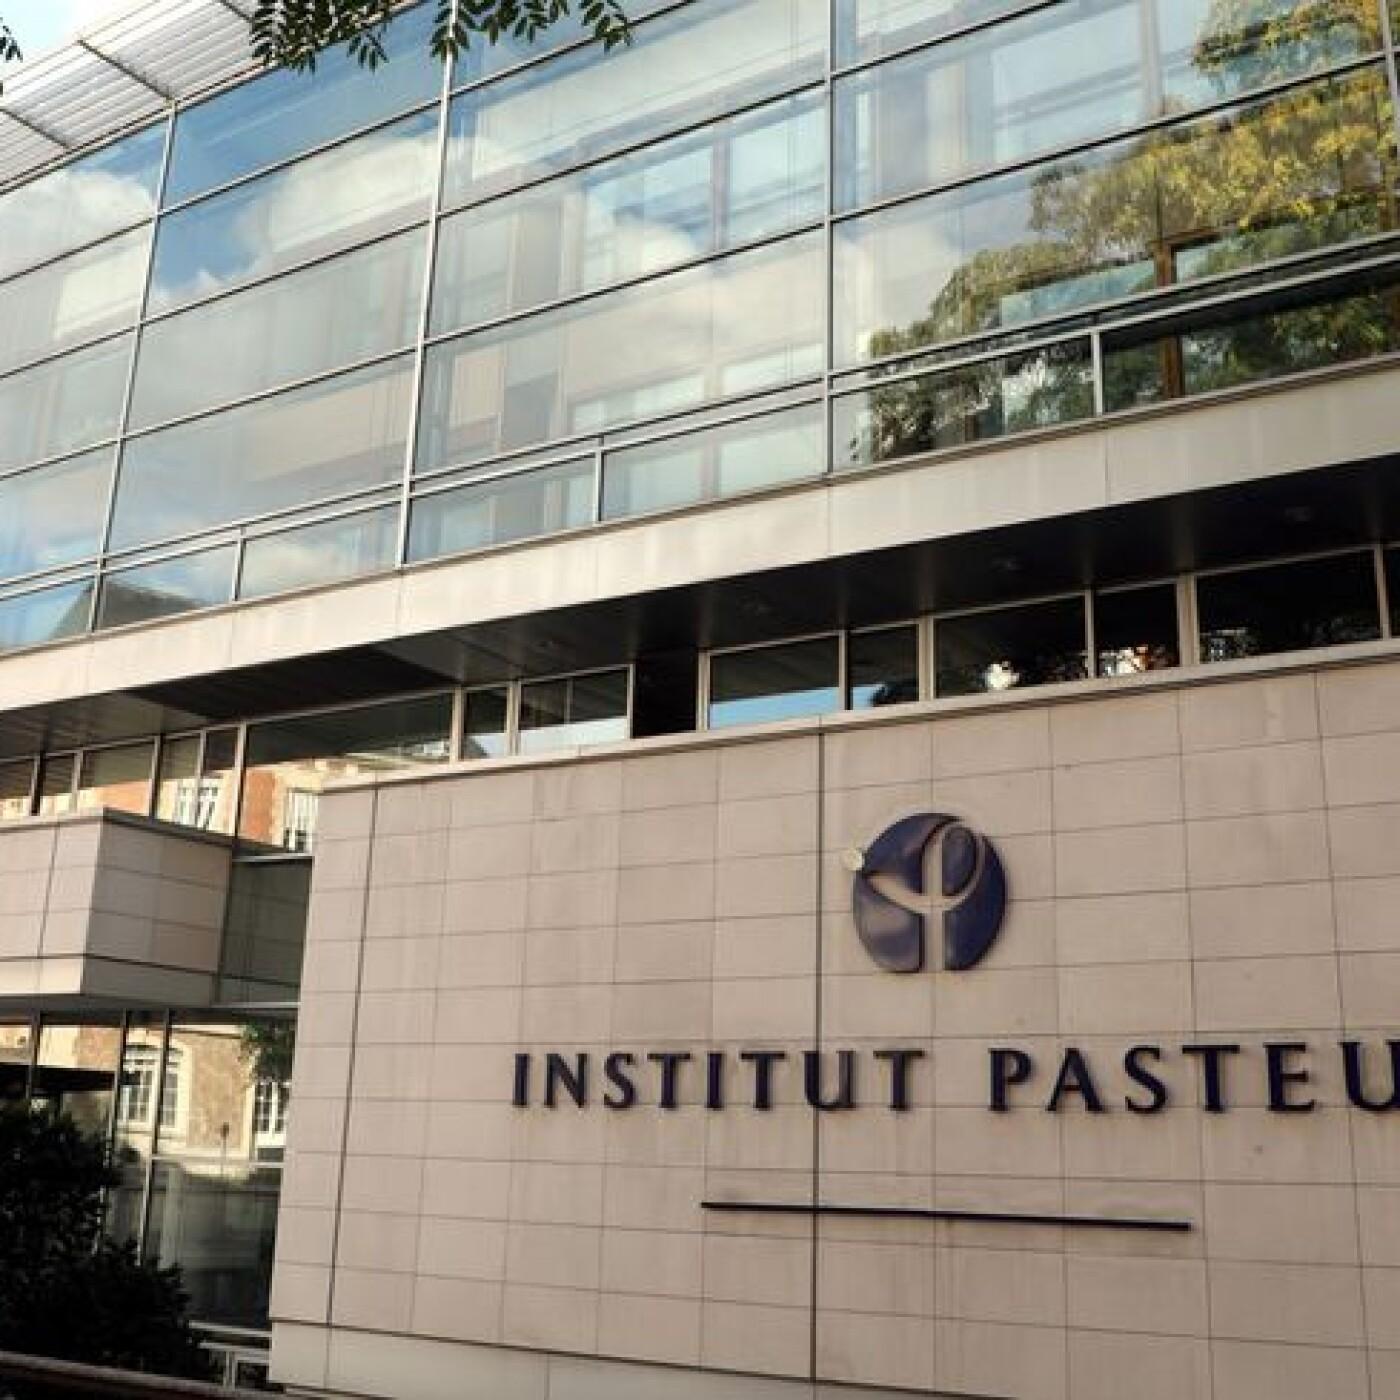 Eric, correspondant à Boston USA, parle de l'echec de l'Institut Pasteur dans la recherche de vaccin - 08 03 2021 - StereoChic Radio